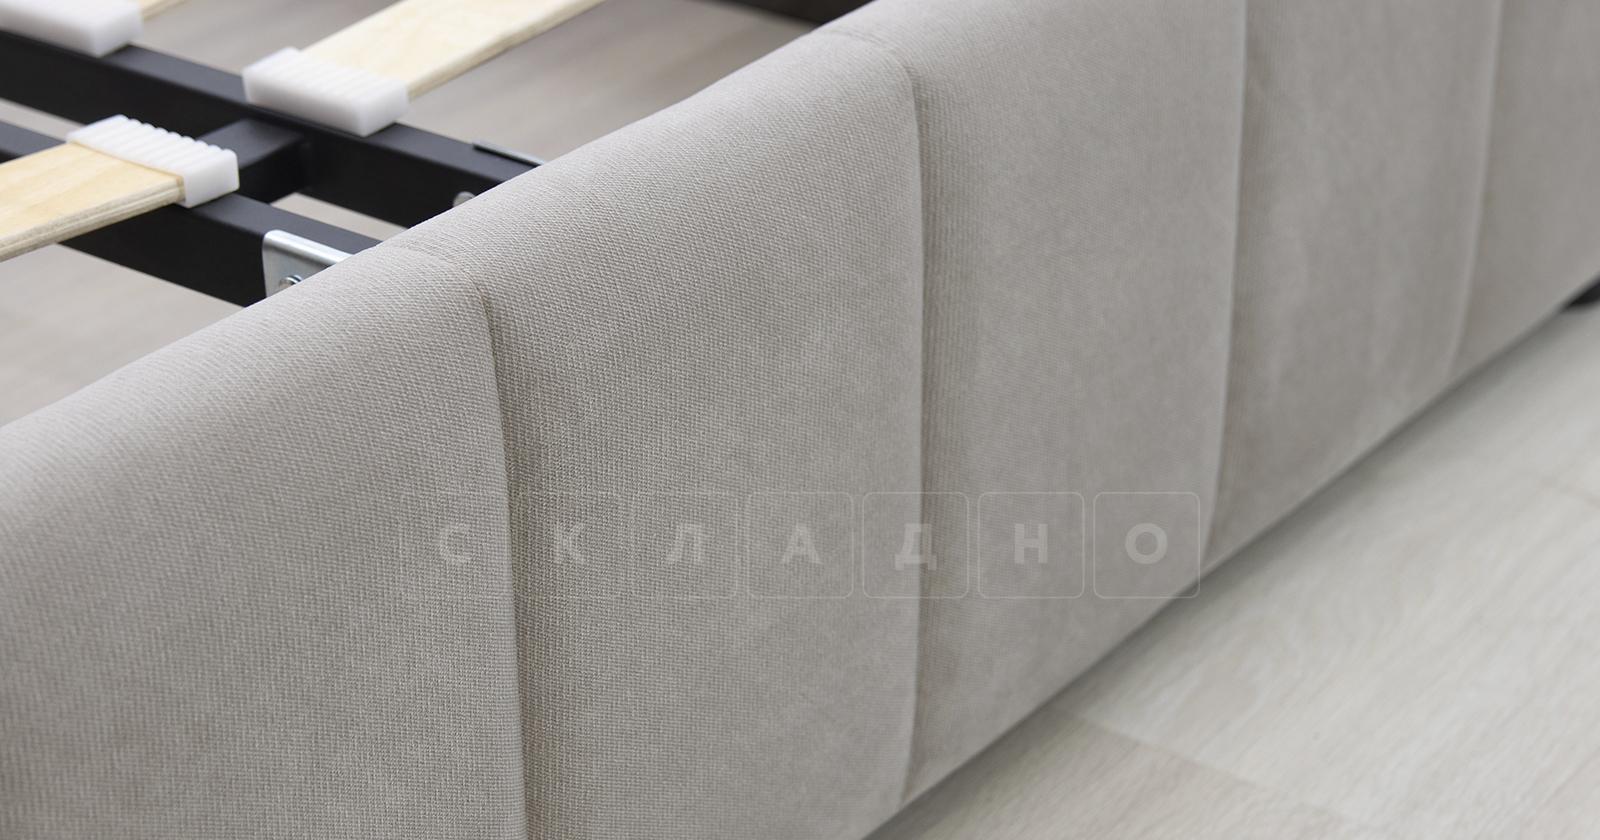 Мягкая кровать Милана 160 см светлый кварцевый серый с подъемным механизмом фото 5 | интернет-магазин Складно